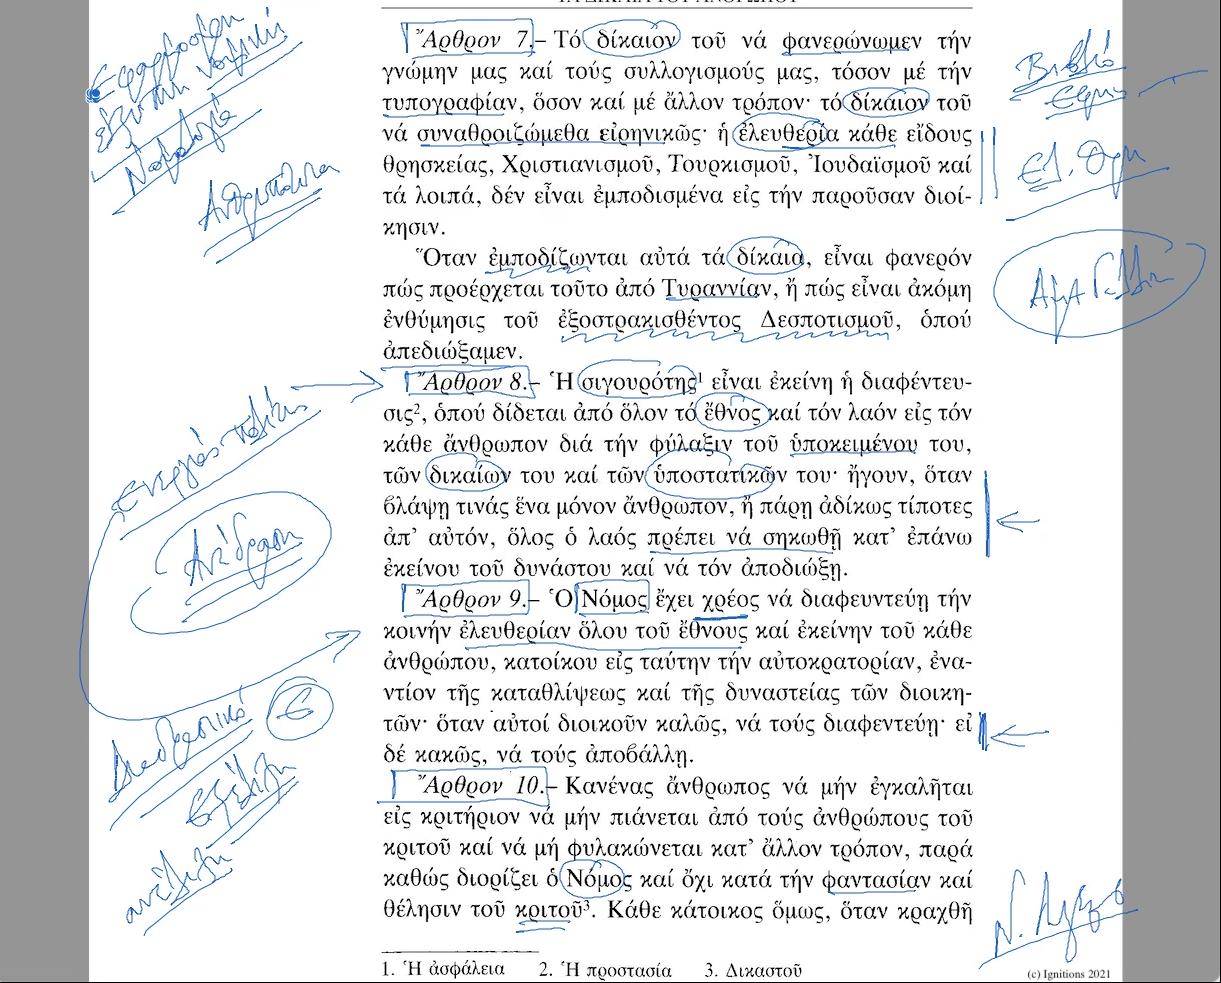 59682 - IV - Η συνέχεια των Δίκαιων του Ρήγα. Συνέχεια ΙΙ. (Dessin)